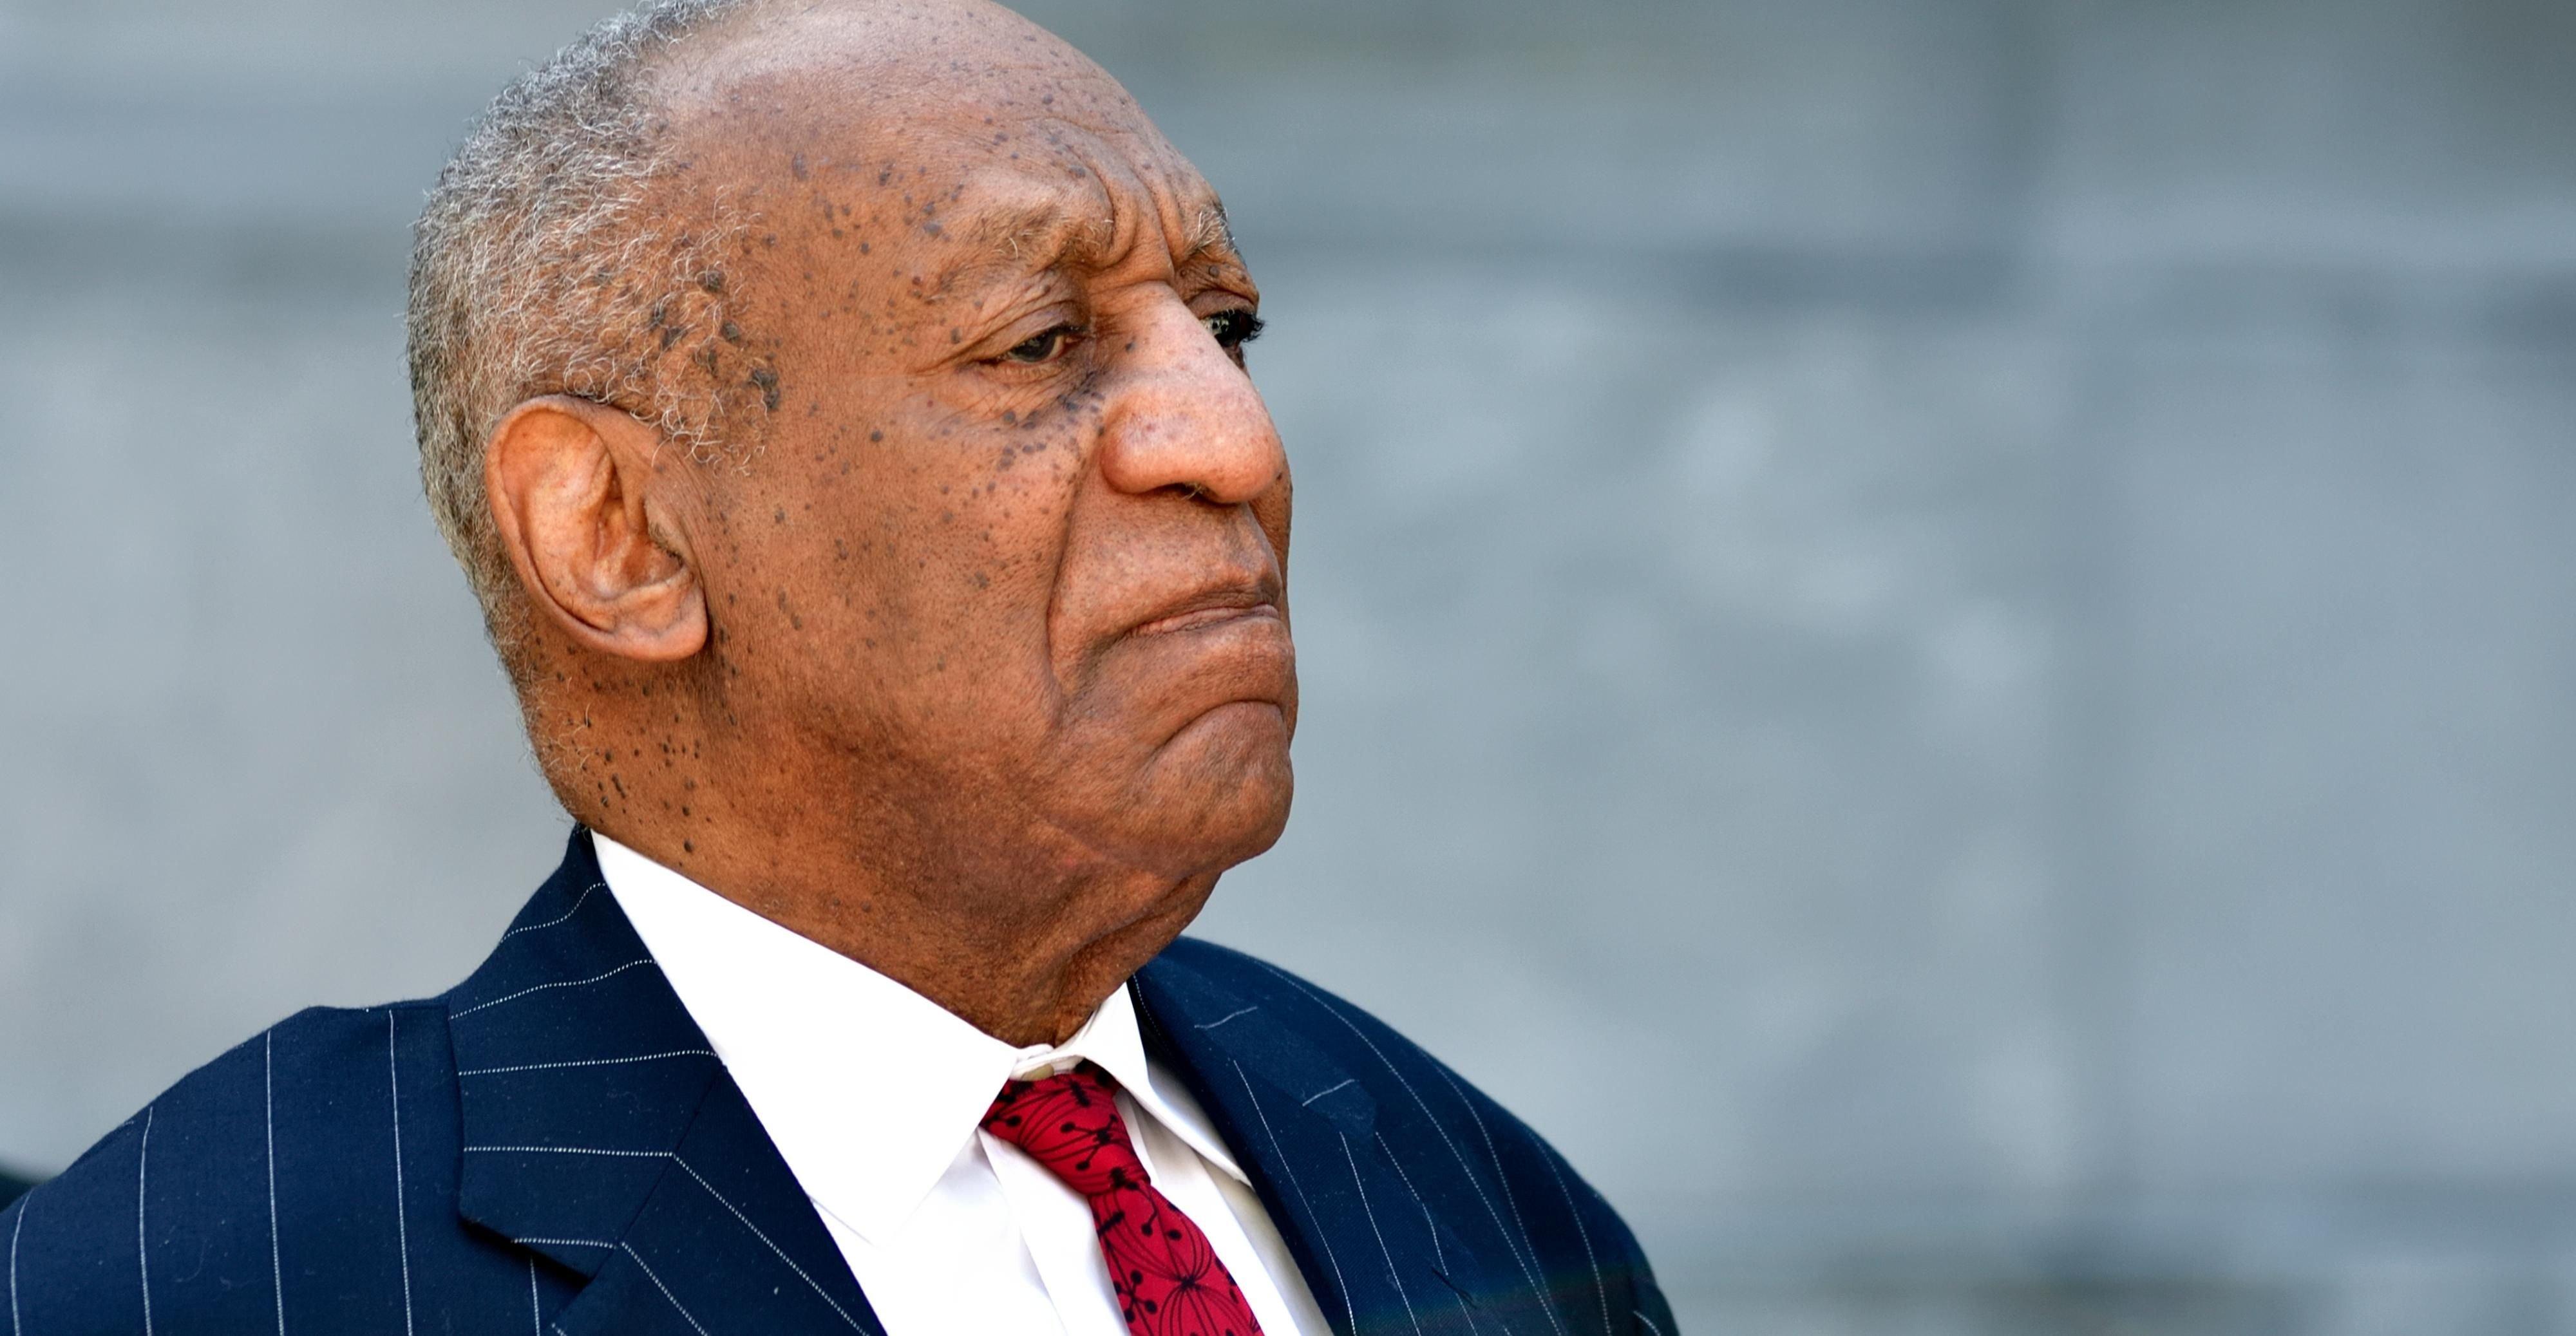 Bill Cosby a la cárcel: recibirá una condena de entre tres y 10 años de prisión por abuso sexual